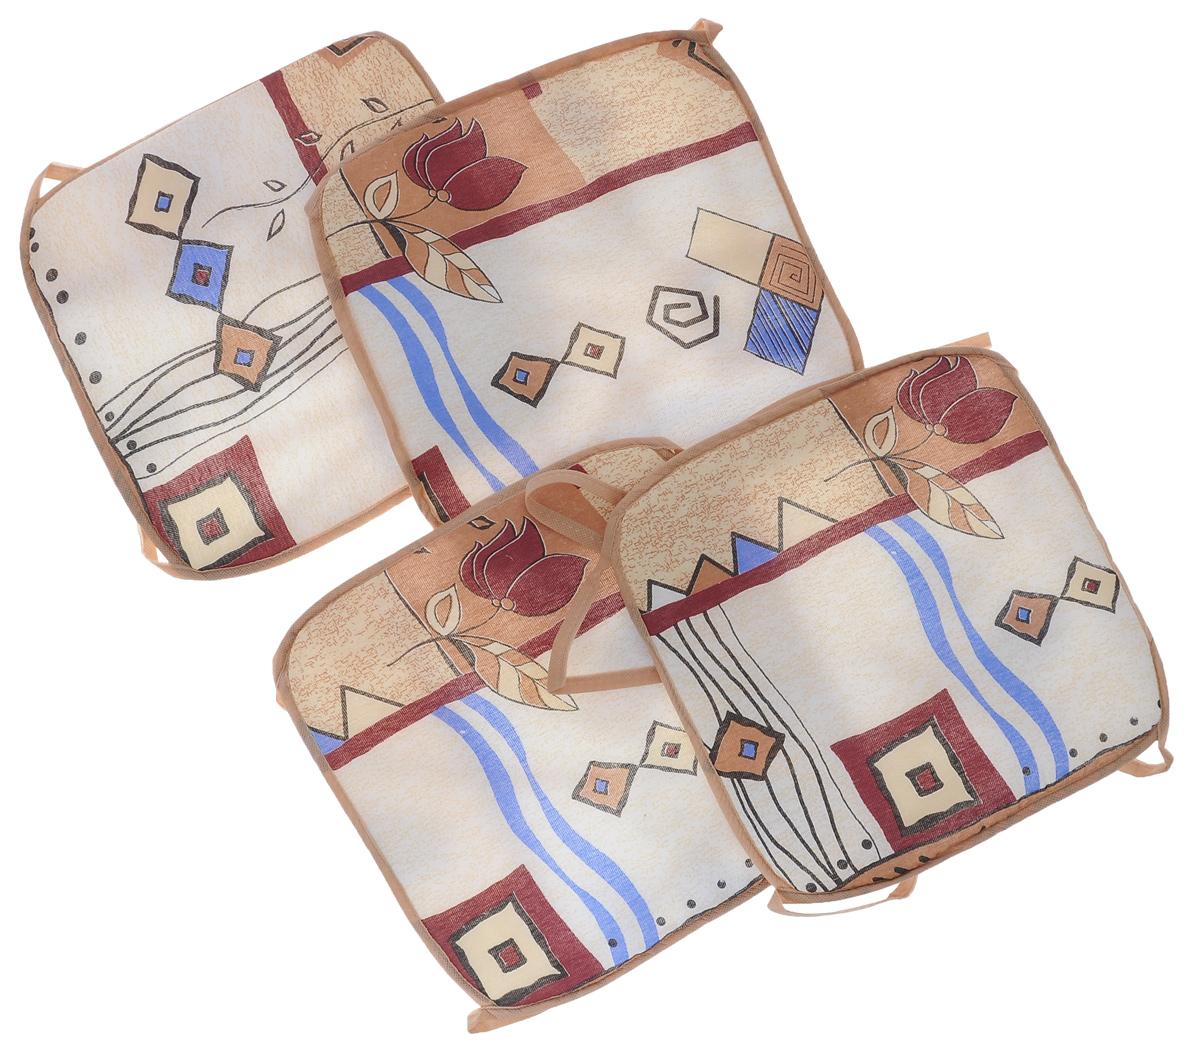 Набор подушек для стула Eva, цвет: бежевый, коричневый, 34 х 34 см, 4 штЕ06-1_бежевый, коричневыйПодушки на стул Eva, выполненные из хлопка с наполнителем из поролона, легко крепятся на стул с помощью завязок. Изделия прекрасно подойдут для стульев на кухне или в столовой. Правильно сидеть - значит сохранить здоровье на долгие годы. Жесткие сидения подвергают наше здоровье опасности. Подушки с наполнителем из поролона помогут предотвратить многие беды, которыми грозит сидячий образ жизни. Комплектация: 4 шт. Размер подушки: 34 см х 34 см х 0,6 см.